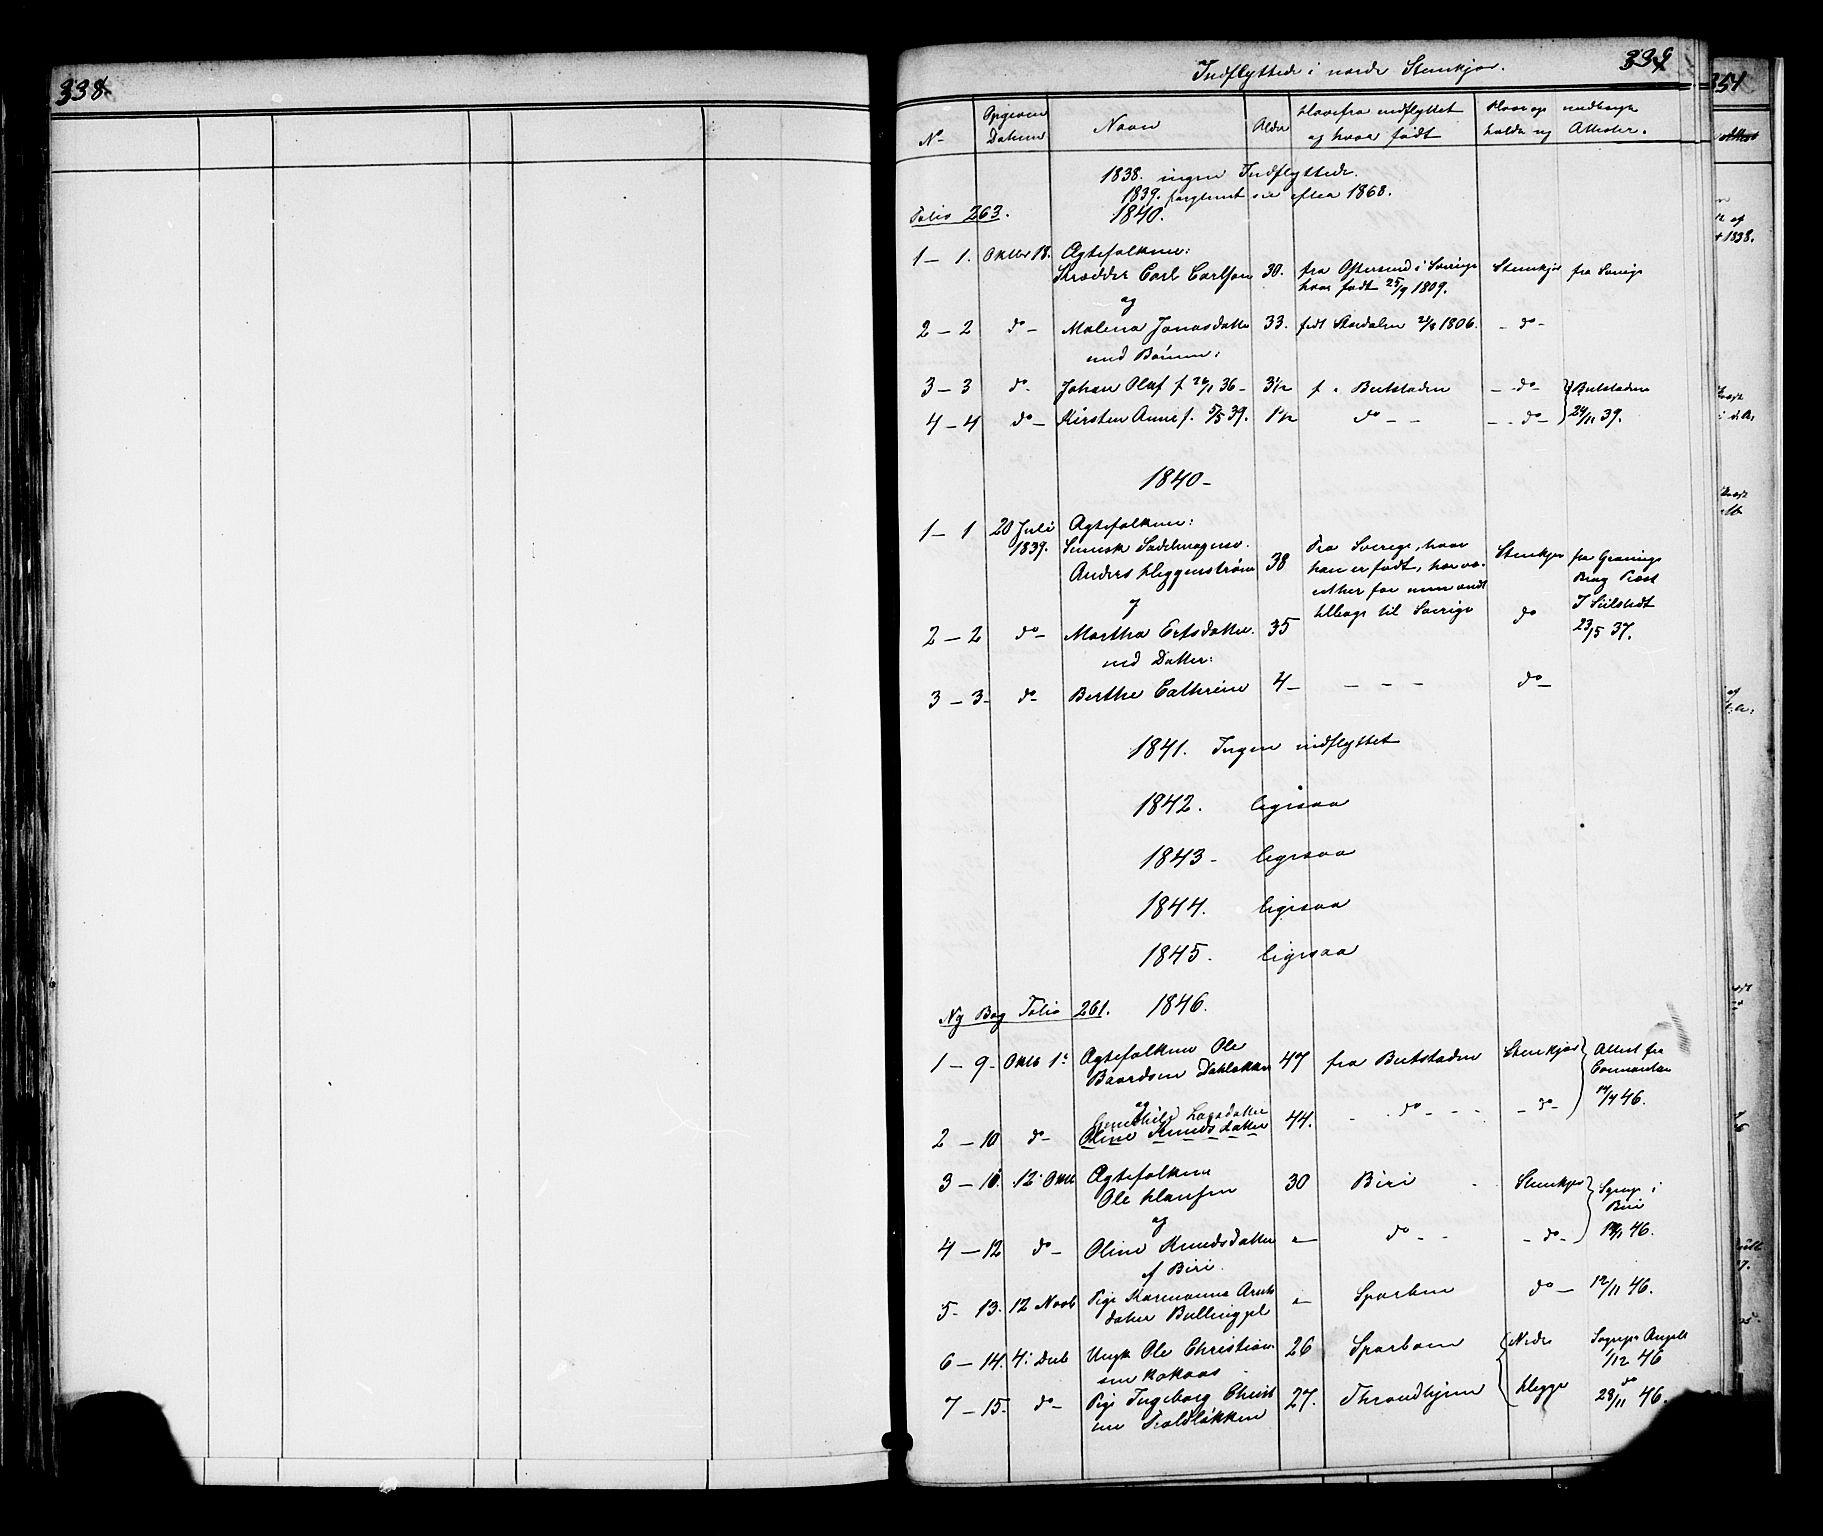 SAT, Ministerialprotokoller, klokkerbøker og fødselsregistre - Nord-Trøndelag, 739/L0367: Ministerialbok nr. 739A01 /2, 1838-1868, s. 338-339